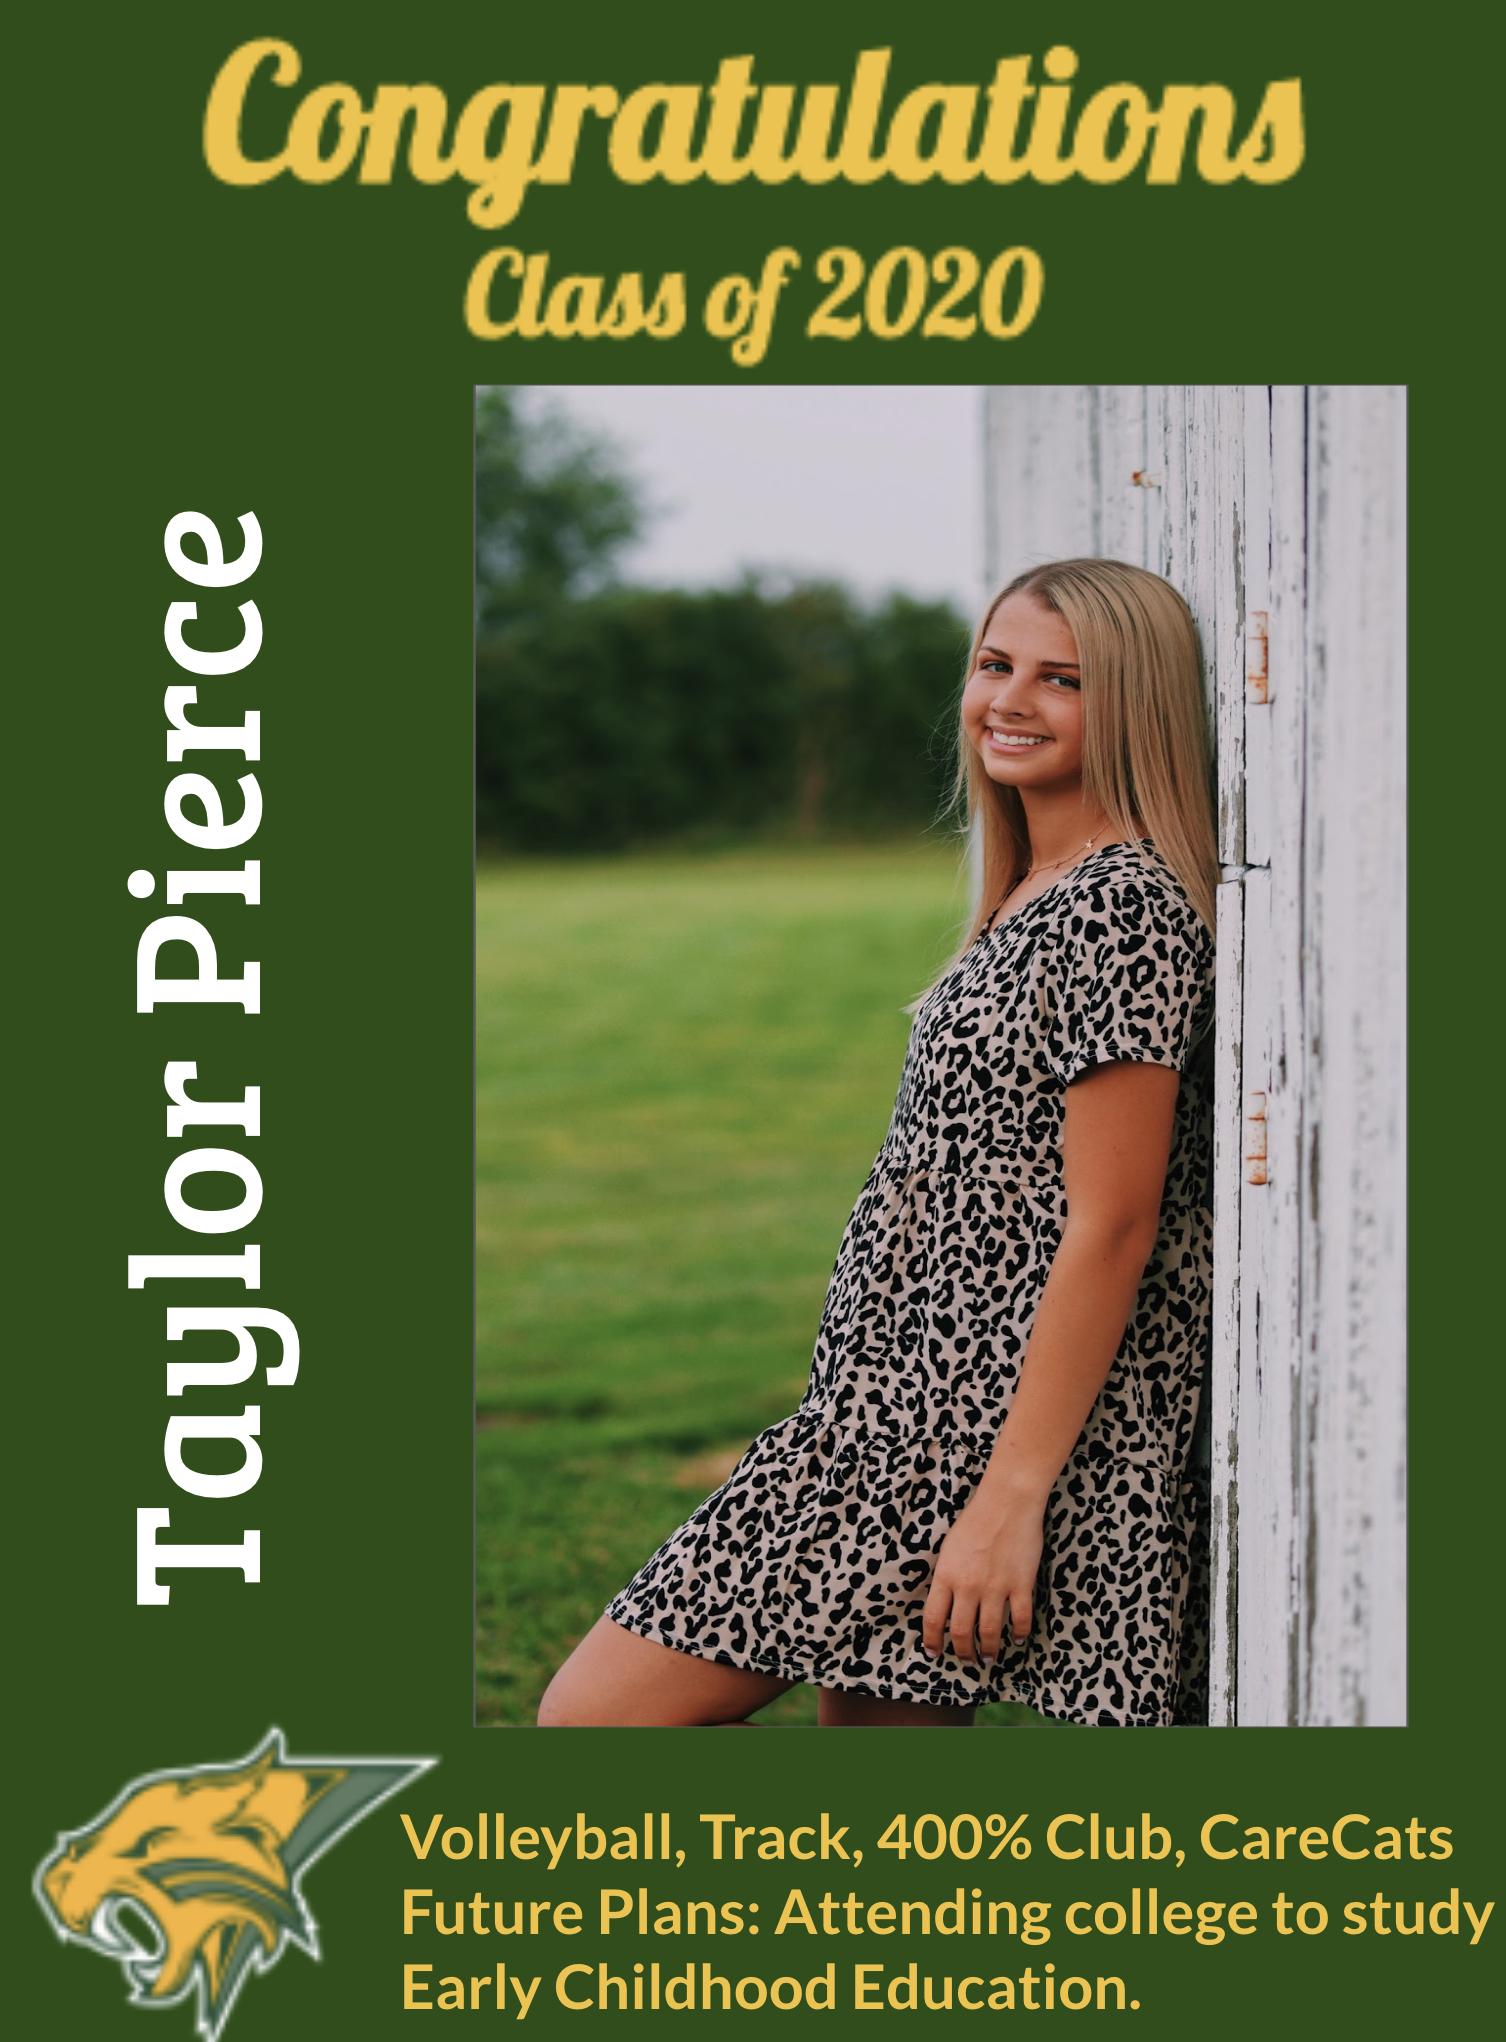 Taylor Pierce